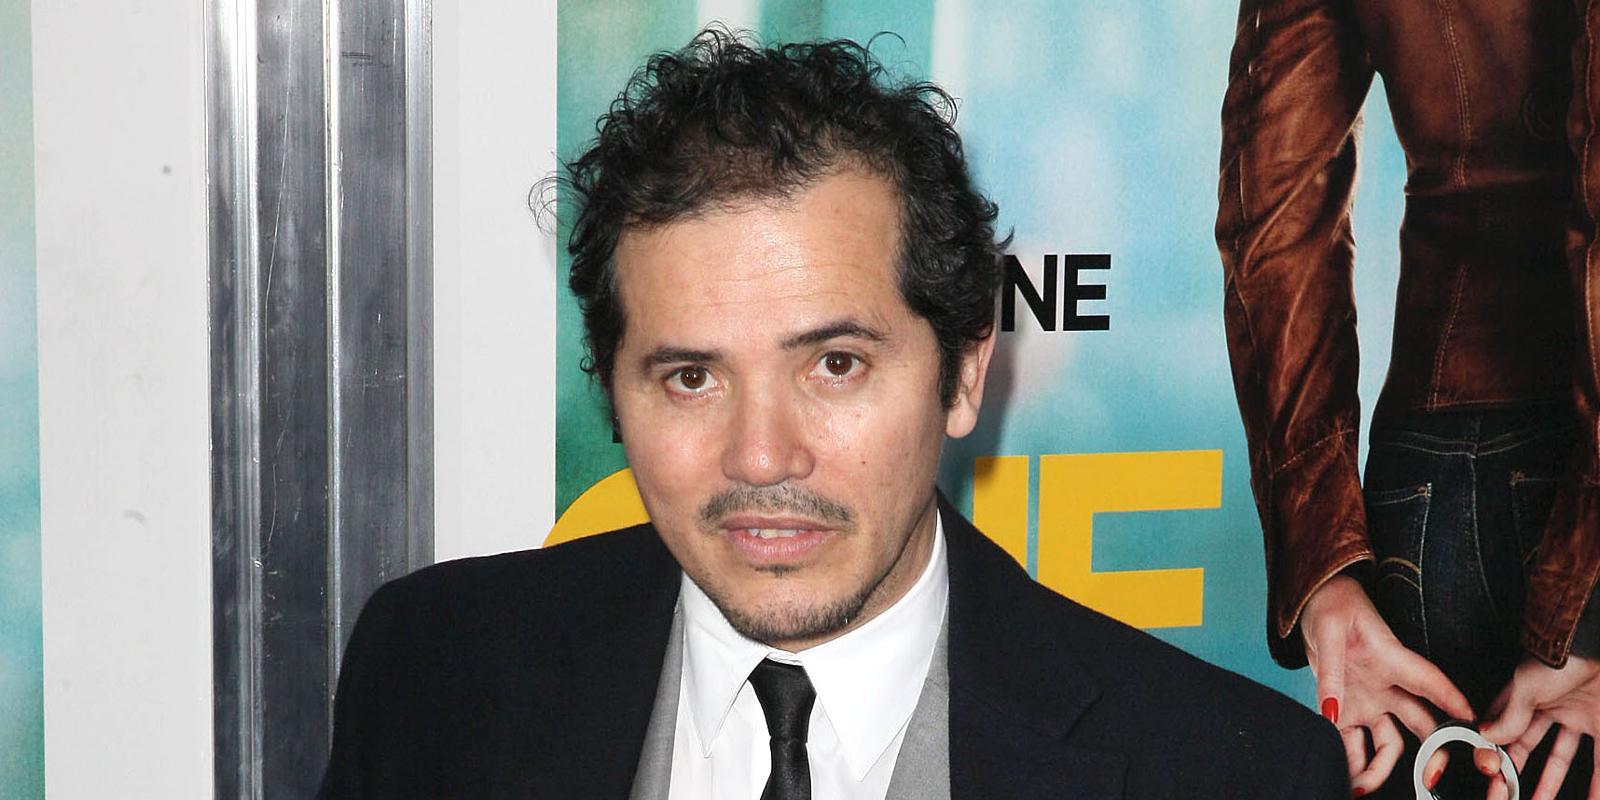 John Leguizamo to play Red Mist bodyguard in \'Kick-Ass 2\'